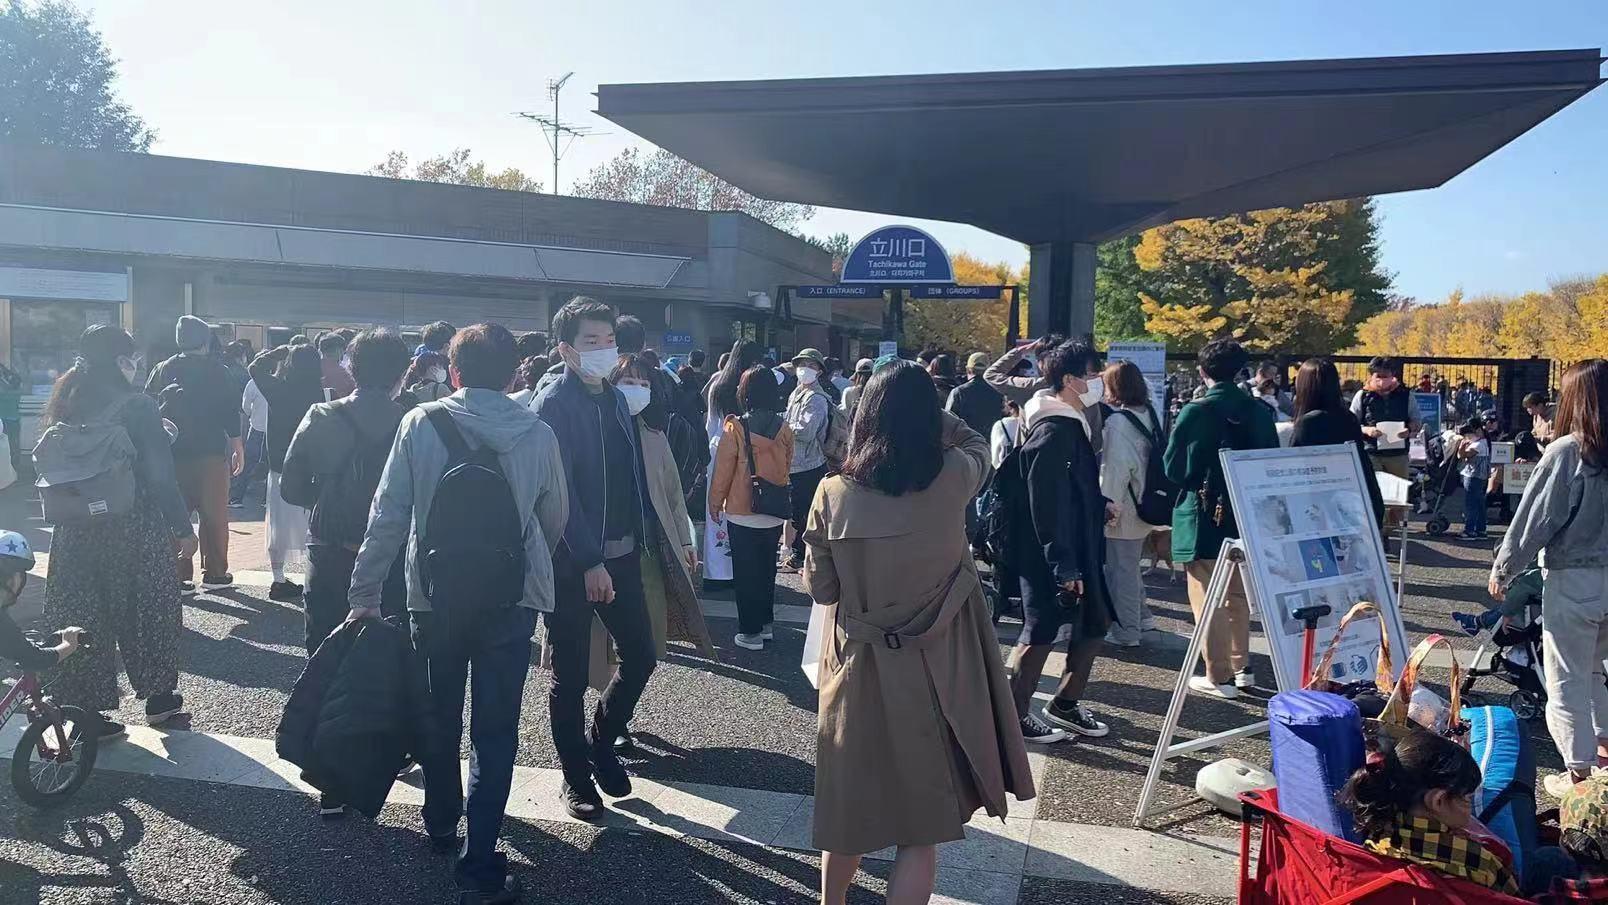 11月15日东京国立昭和纪念公园的入口<BR/>